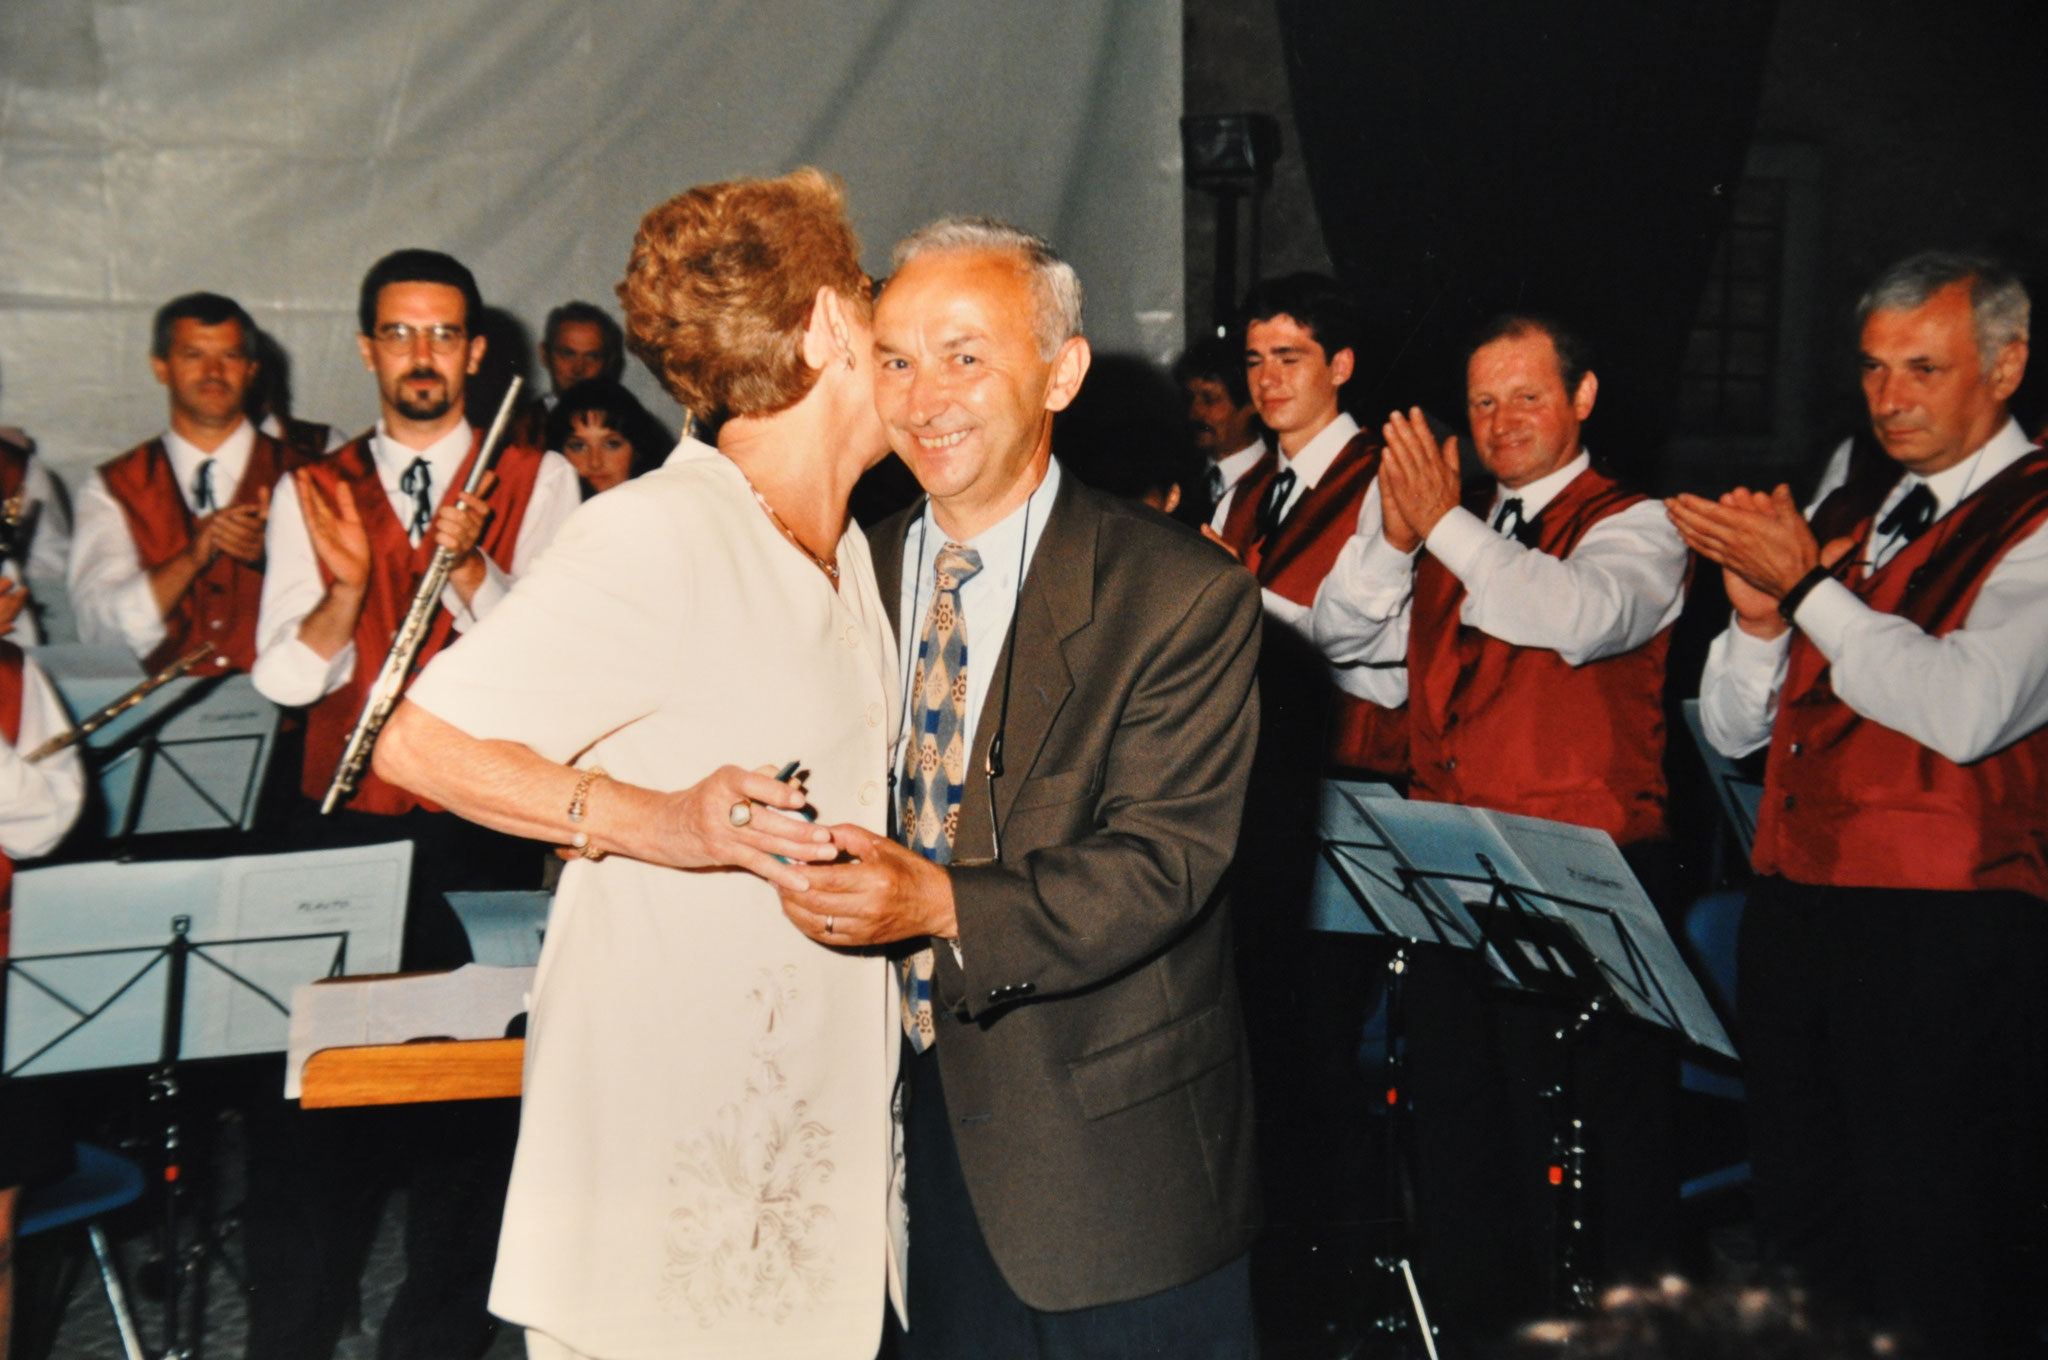 1997 Consegna targa ricordo alla vedova di Albino Tarolli